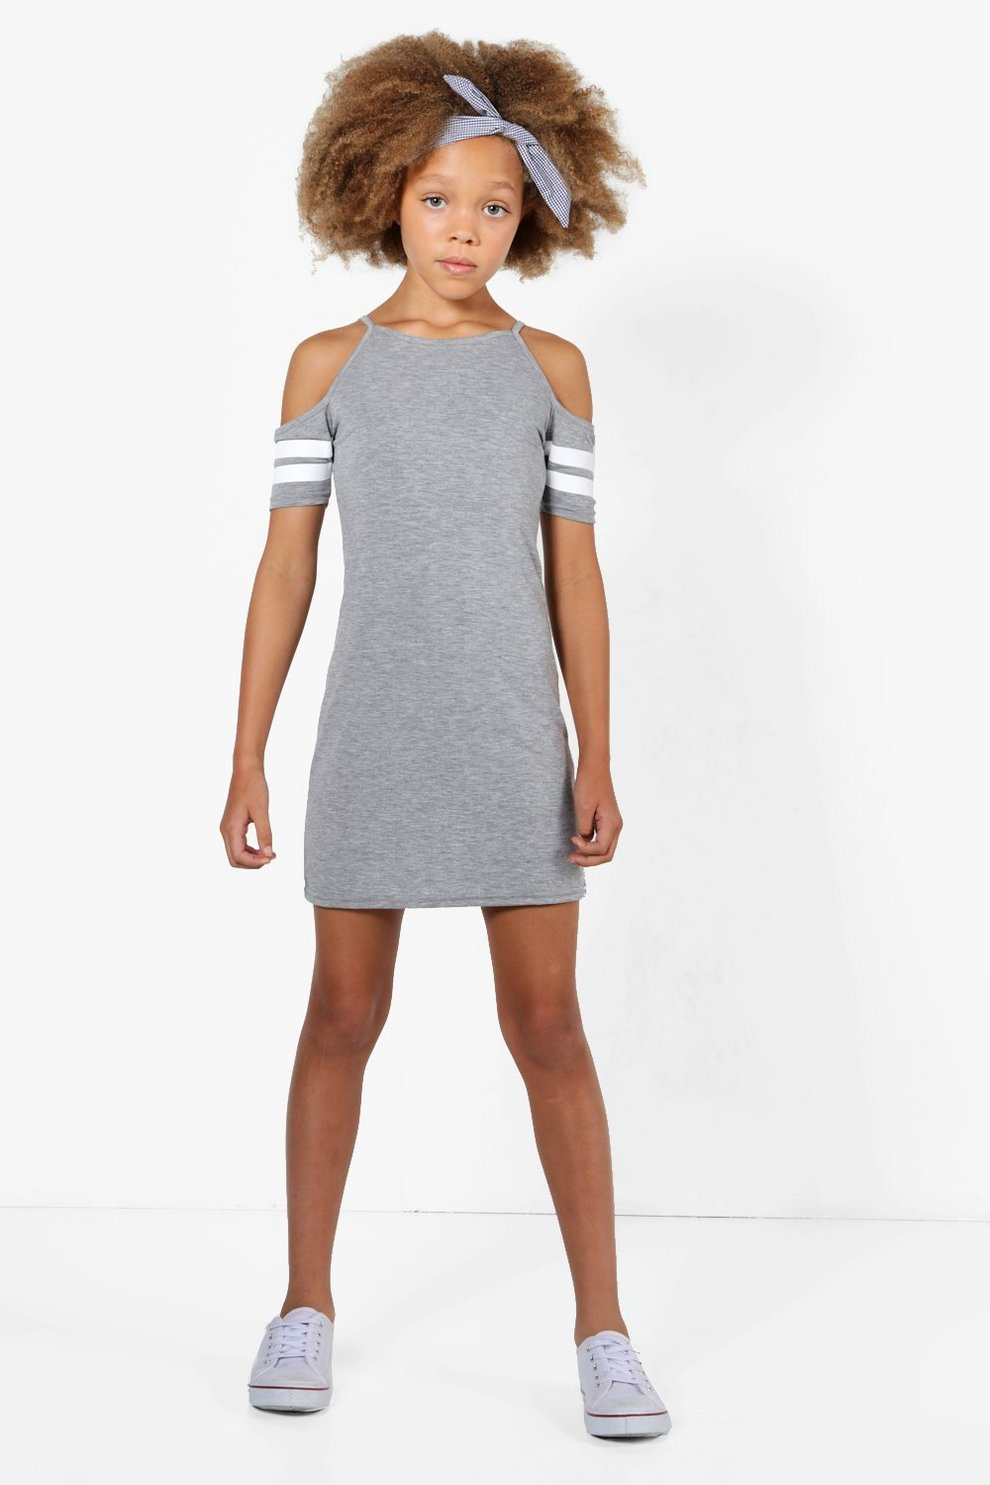 892eb7fb3 vestido deportivo a rayas con hombros descubiertos para niña